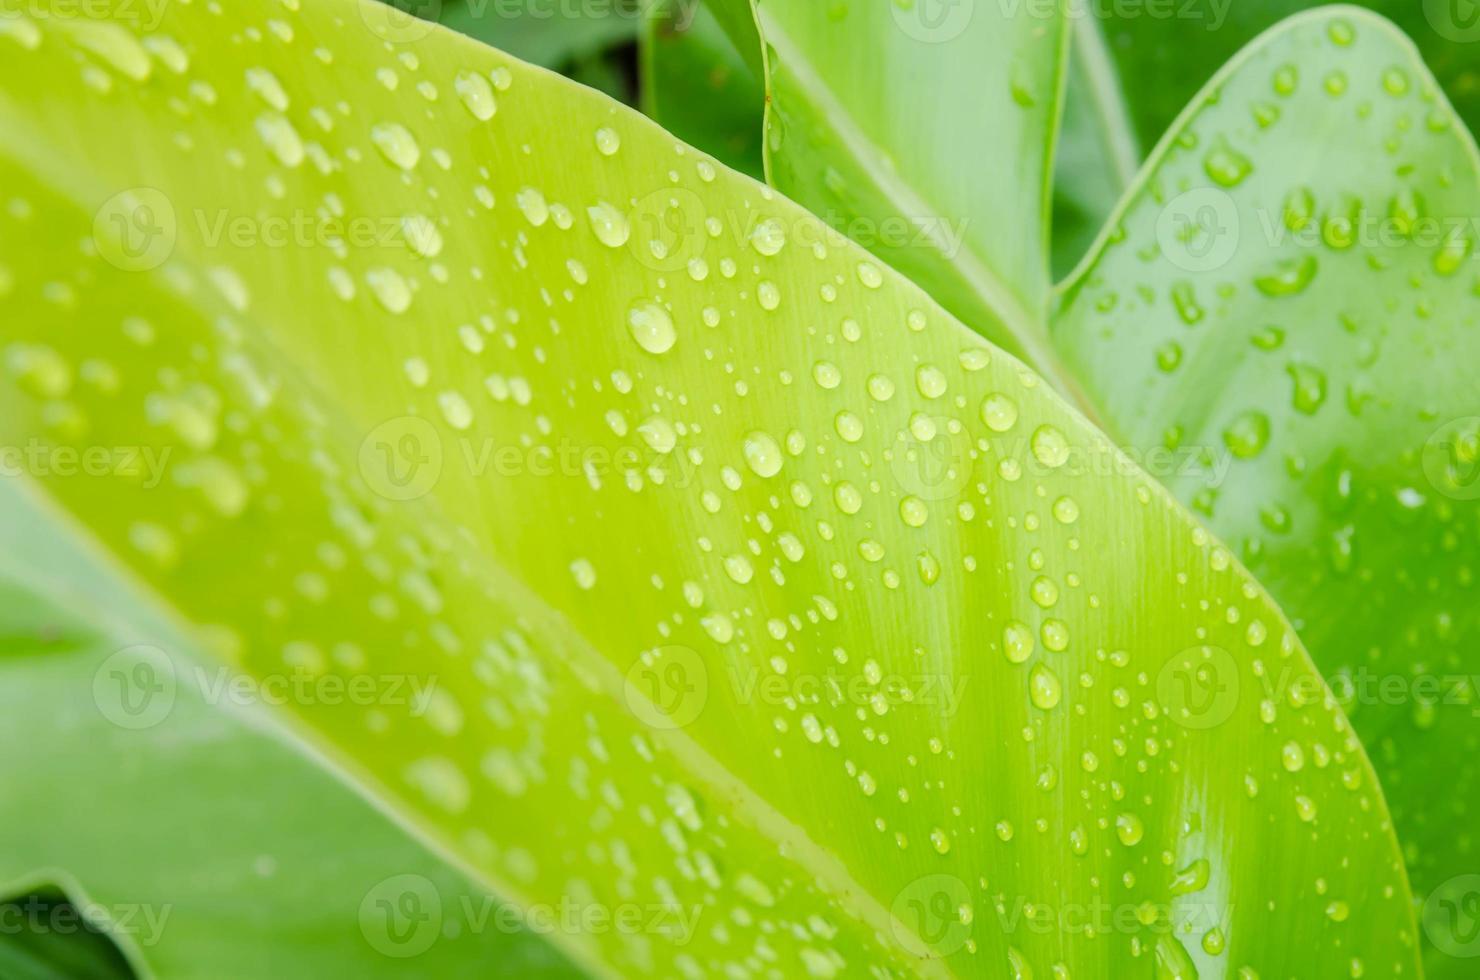 vattendroppar på ett grönt blad foto